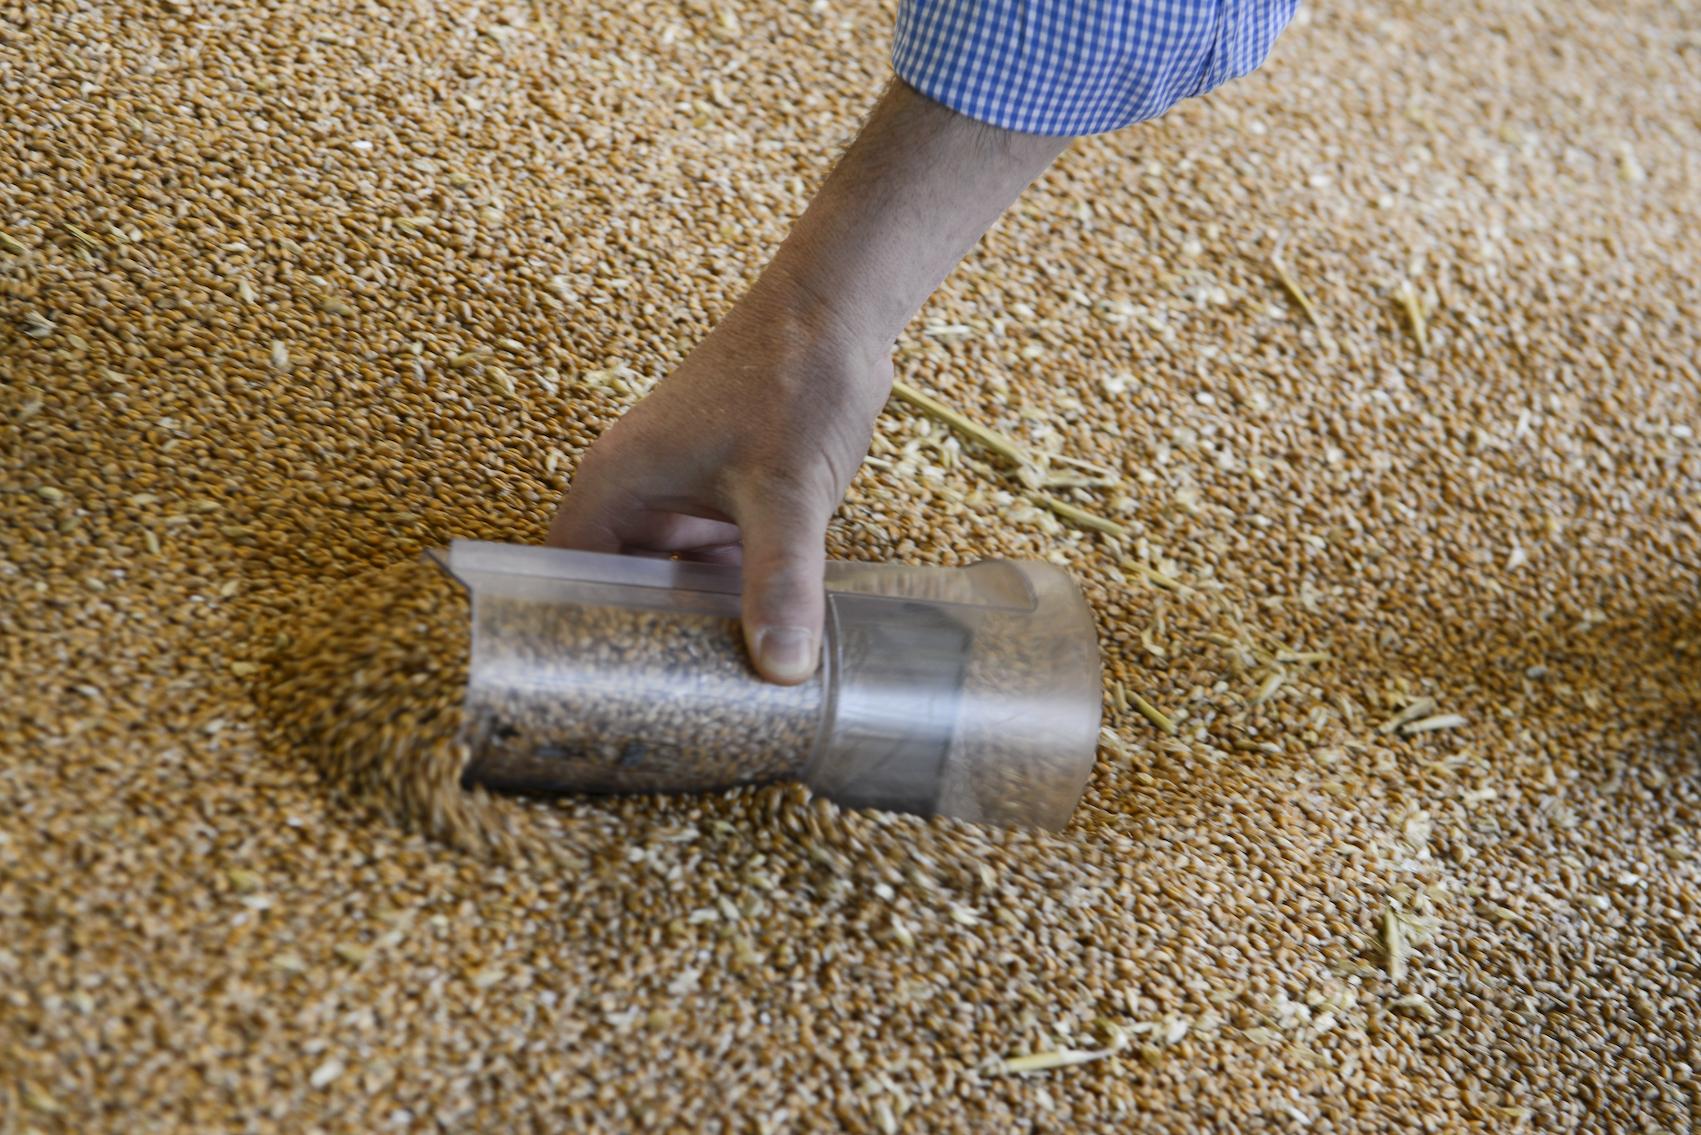 grain-sampling